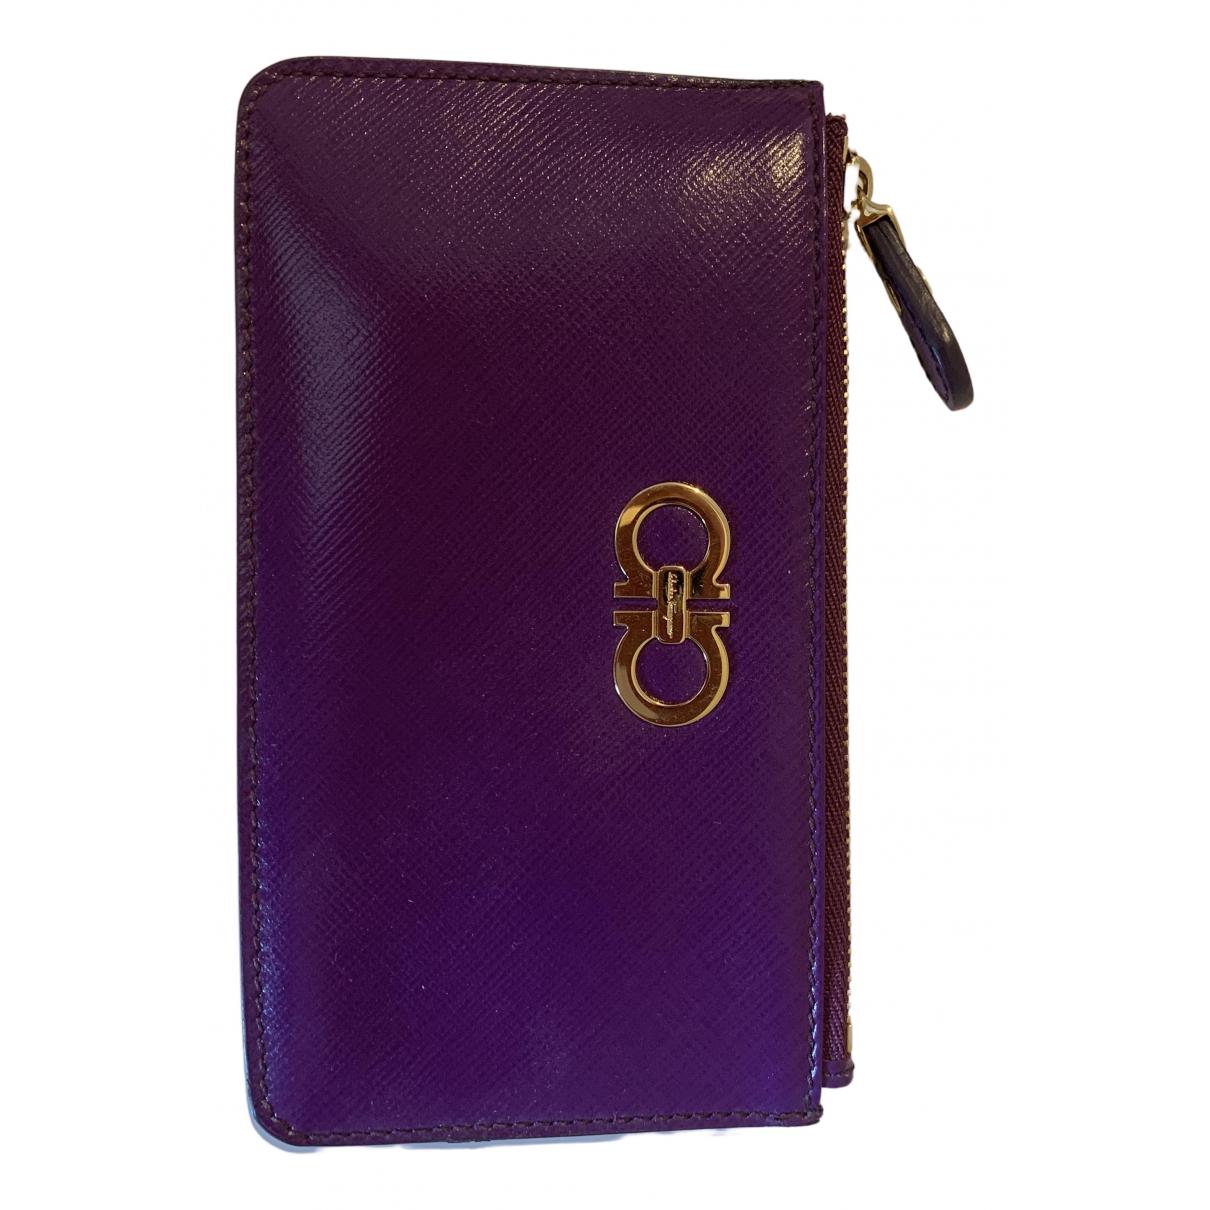 Salvatore Ferragamo - Portefeuille   pour femme en cuir - violet